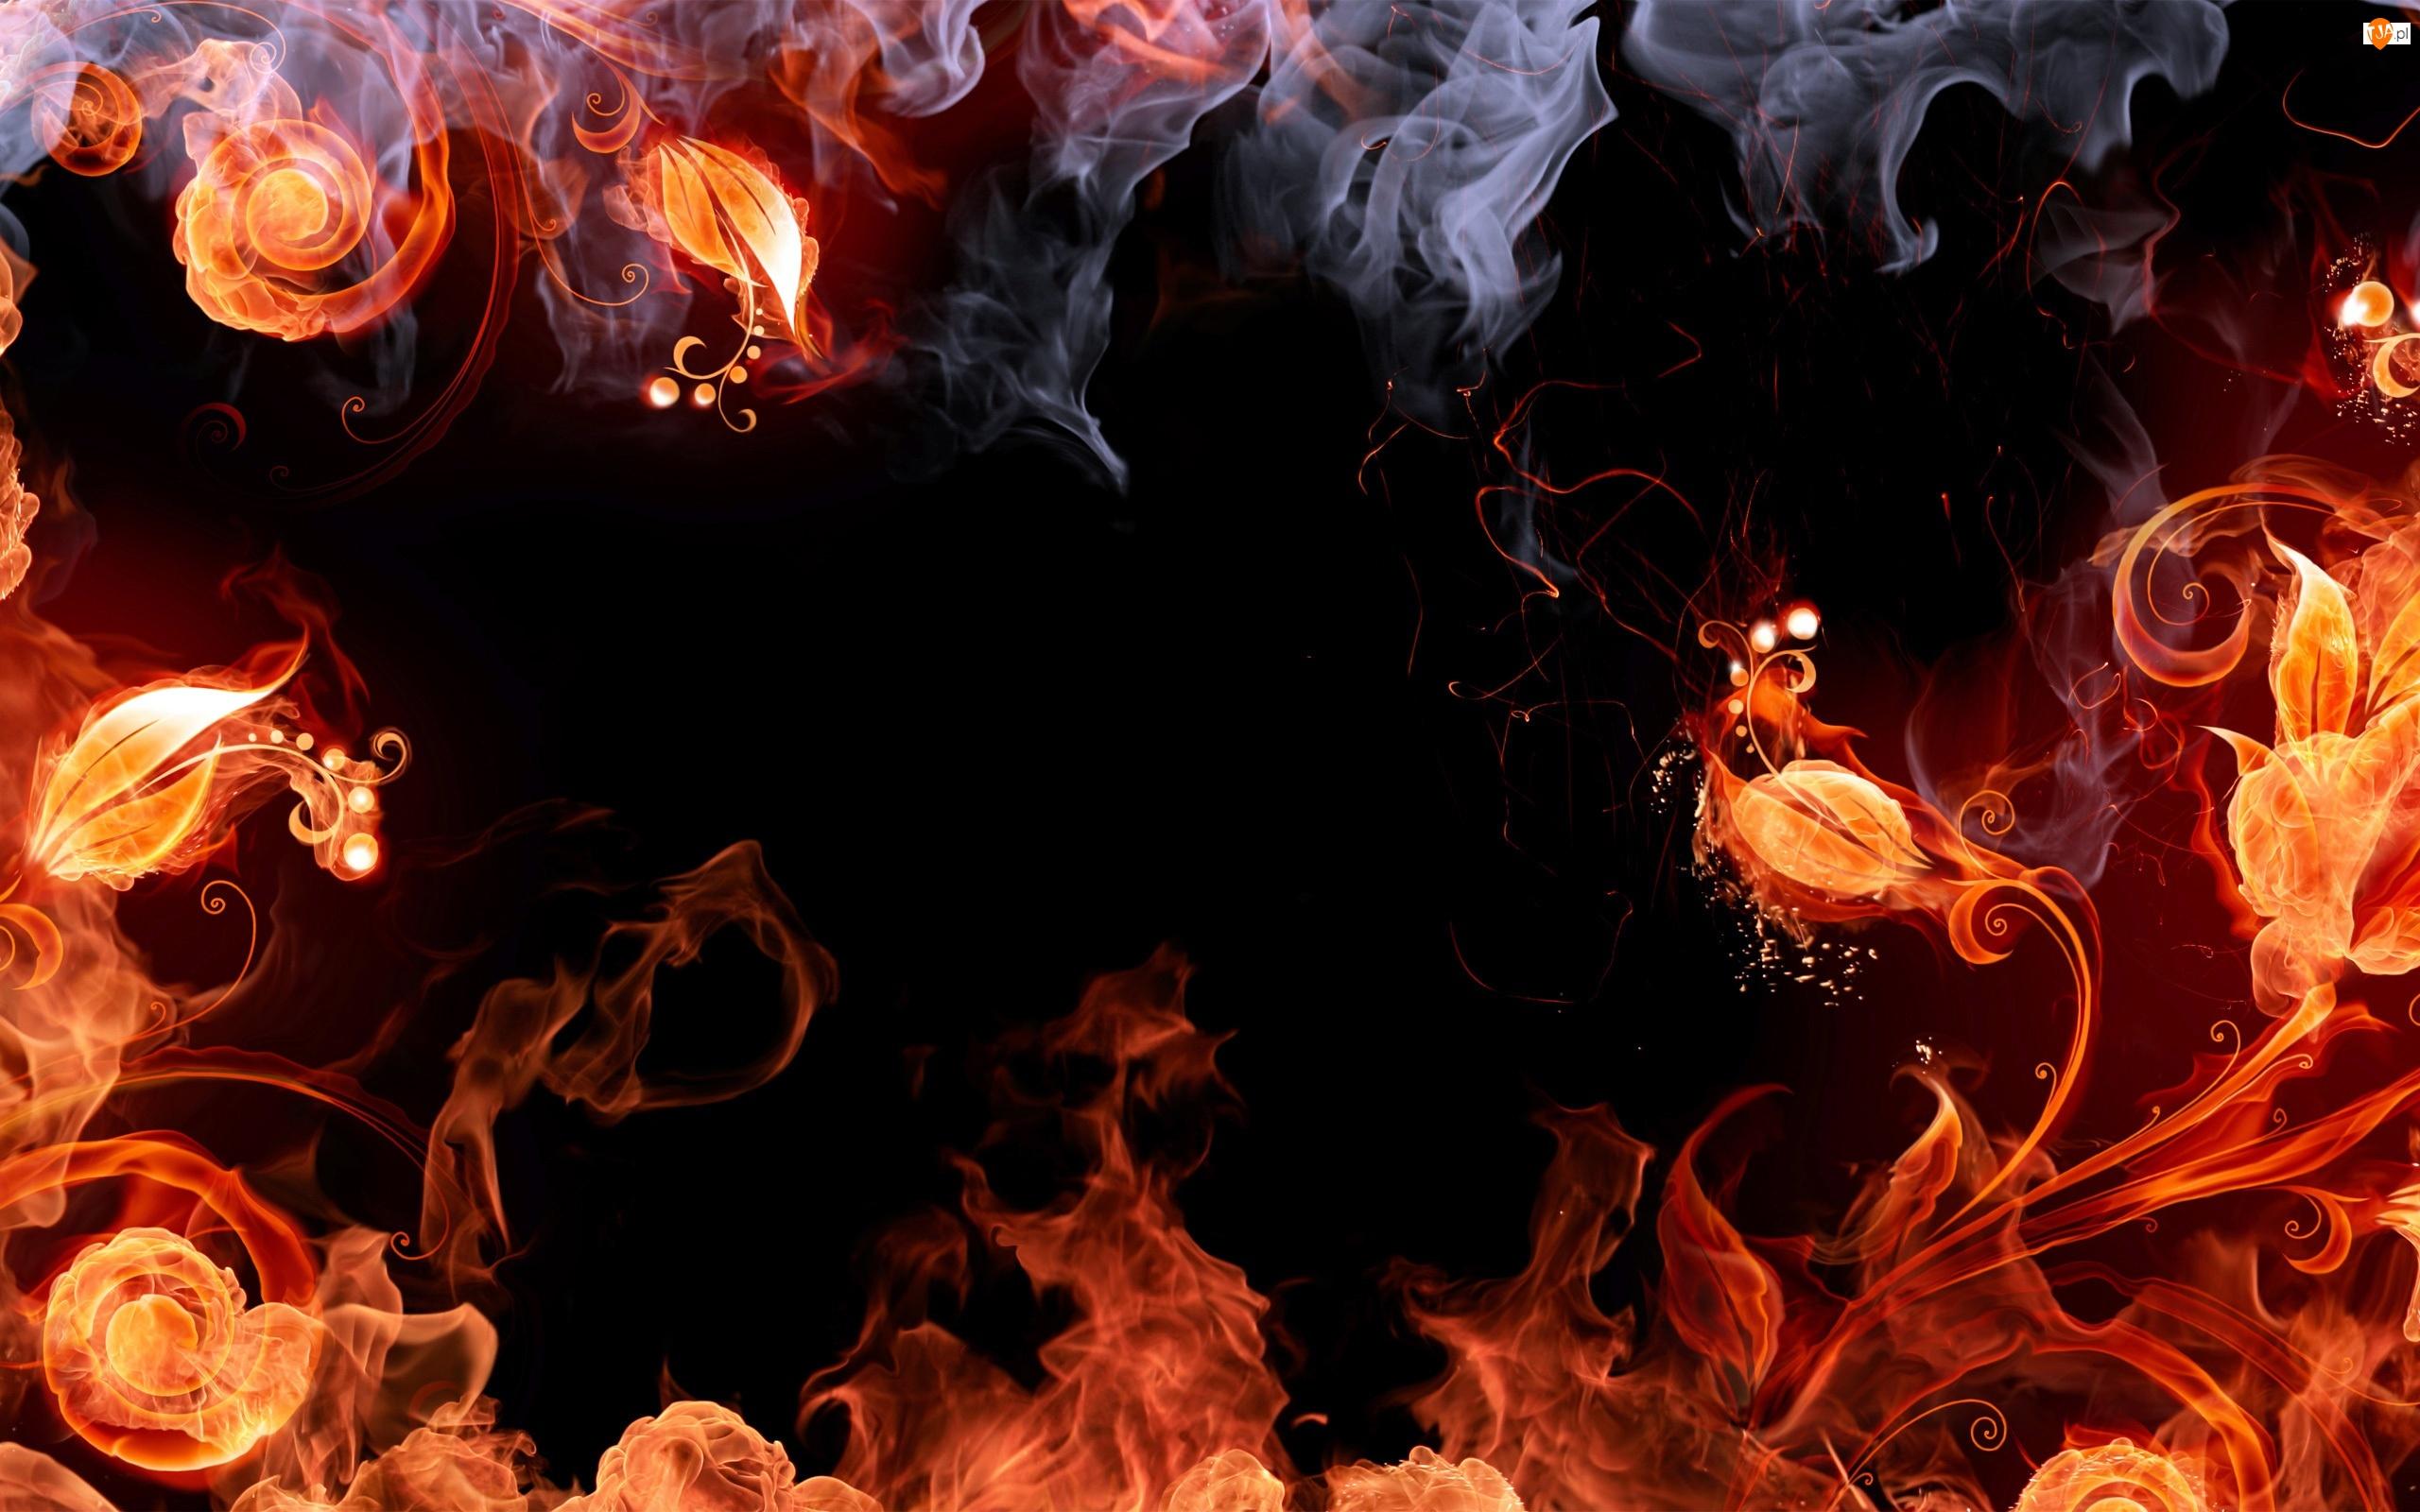 Ogień, Kwiaty, Płomienie, Dym